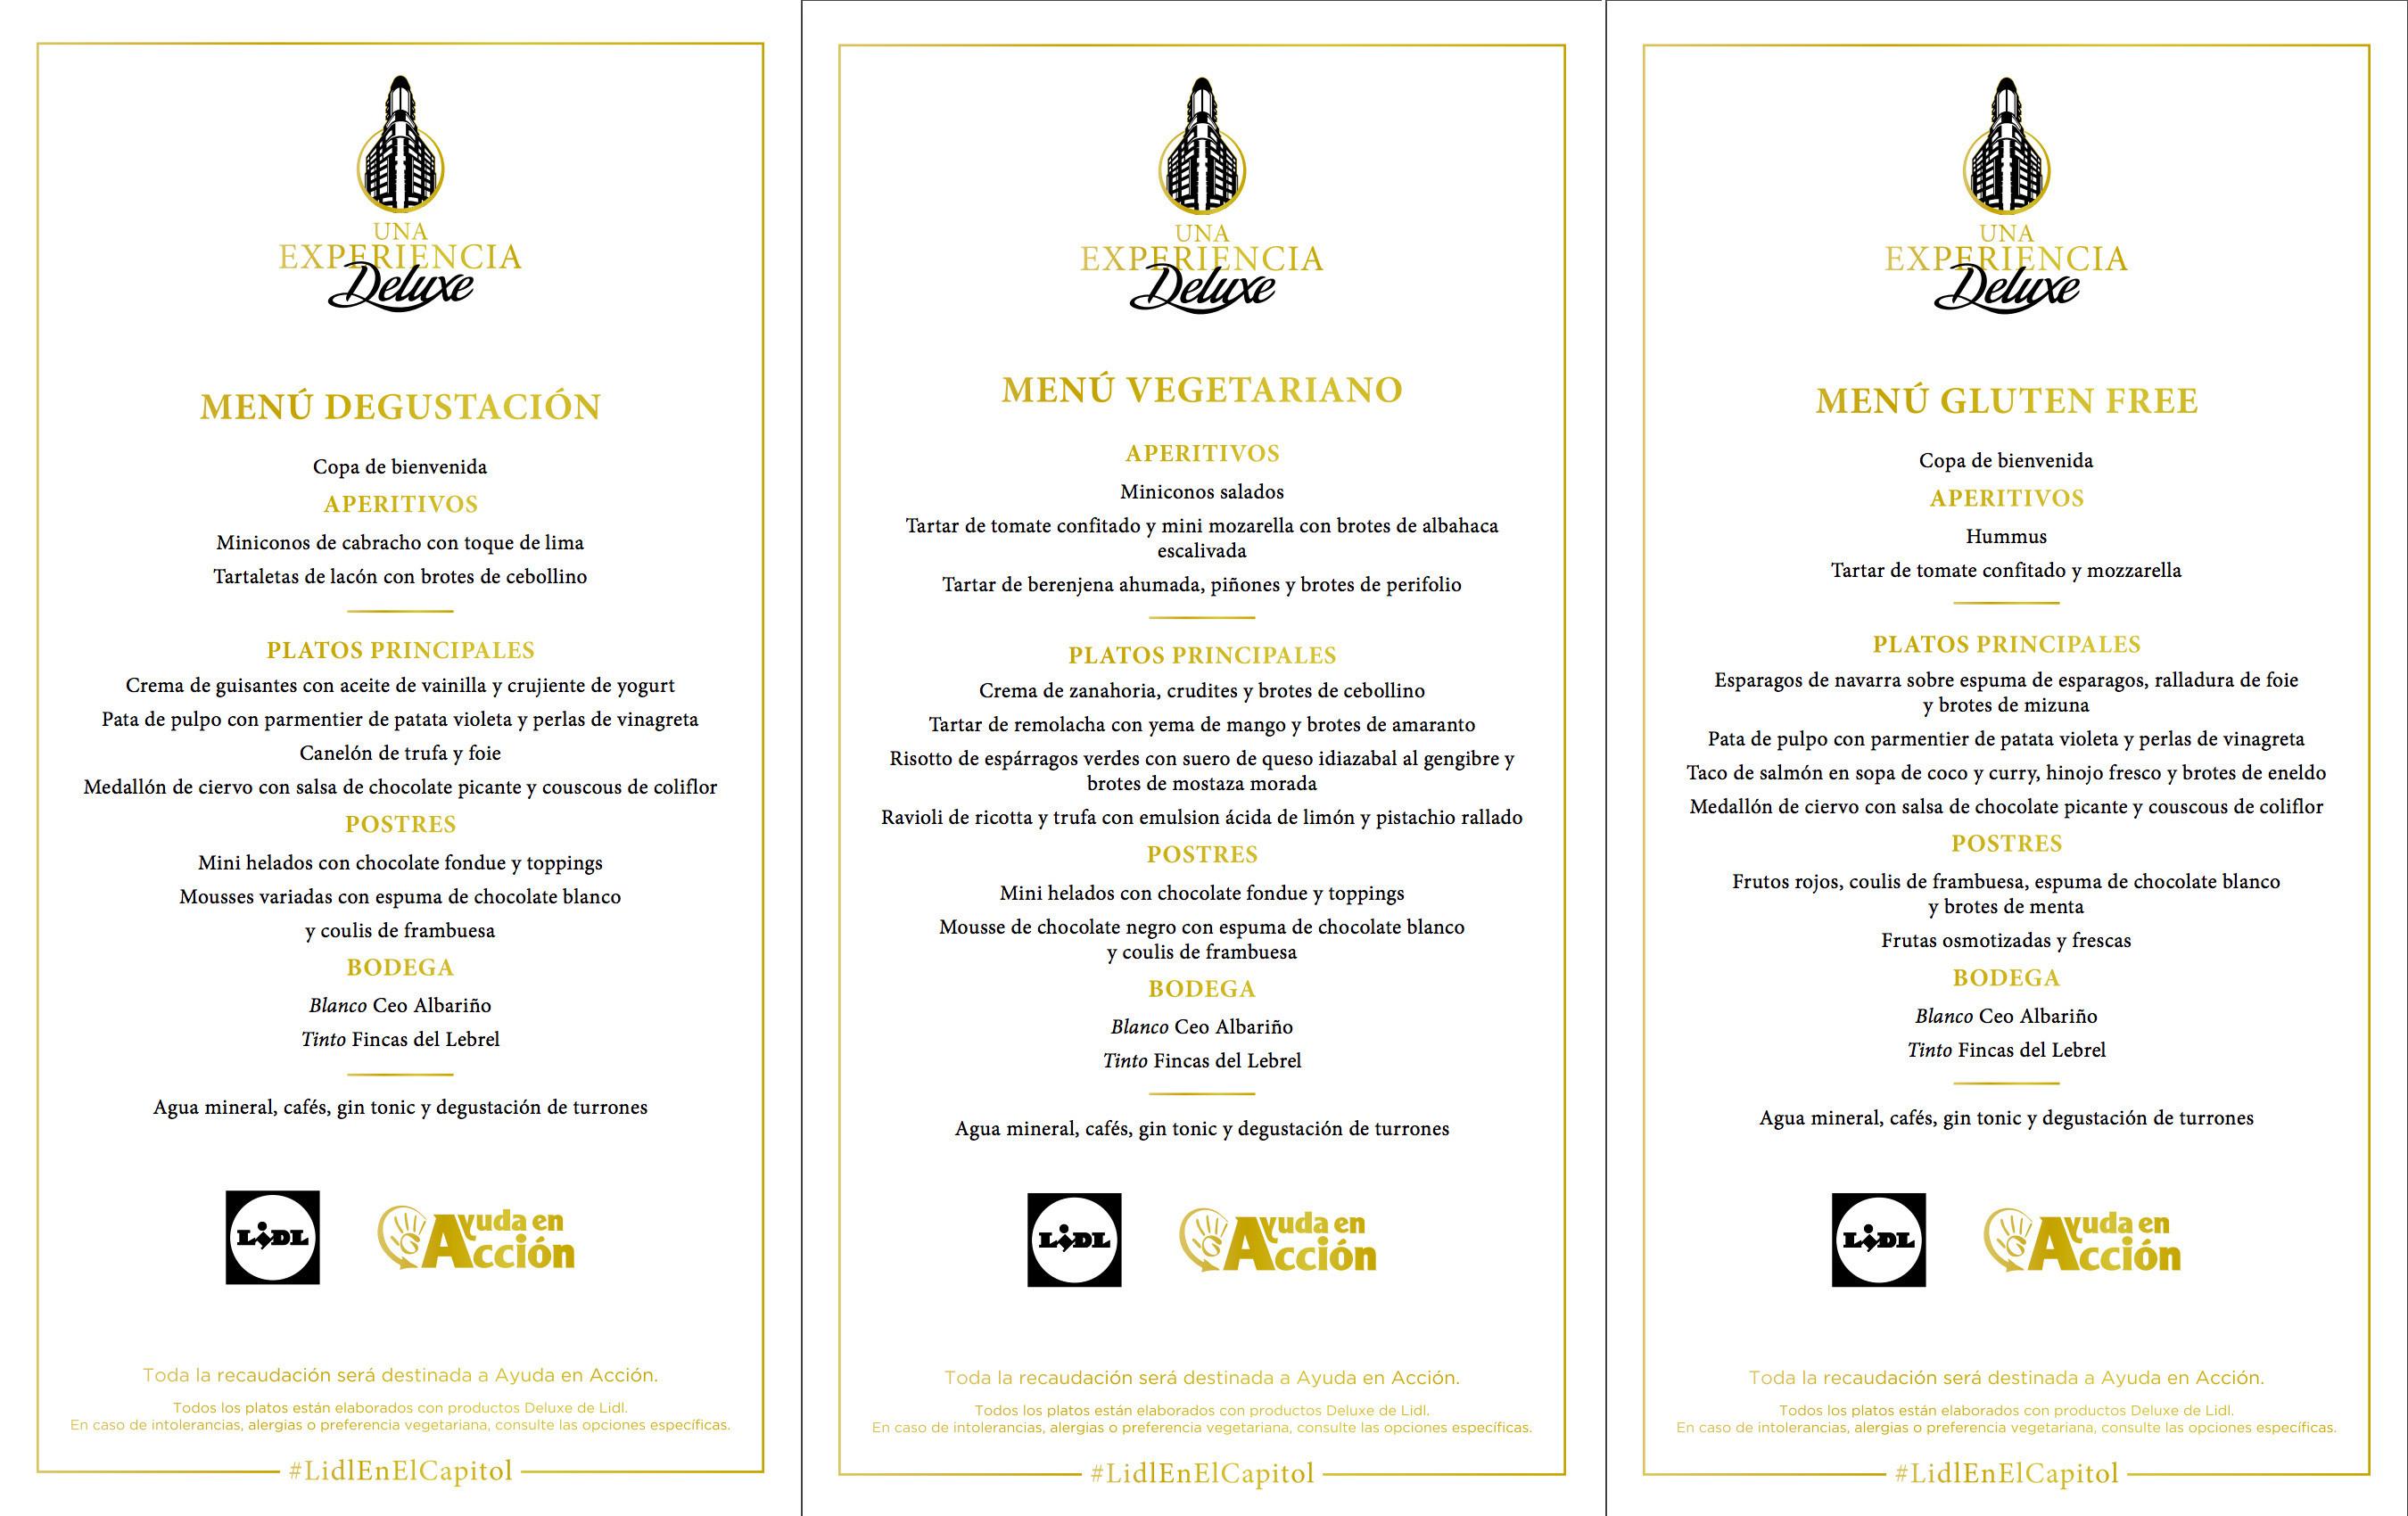 Lidl lanza un restaurante 39 gourmet 39 ef mero de sergi arola - Restaurante sergi arola en madrid ...